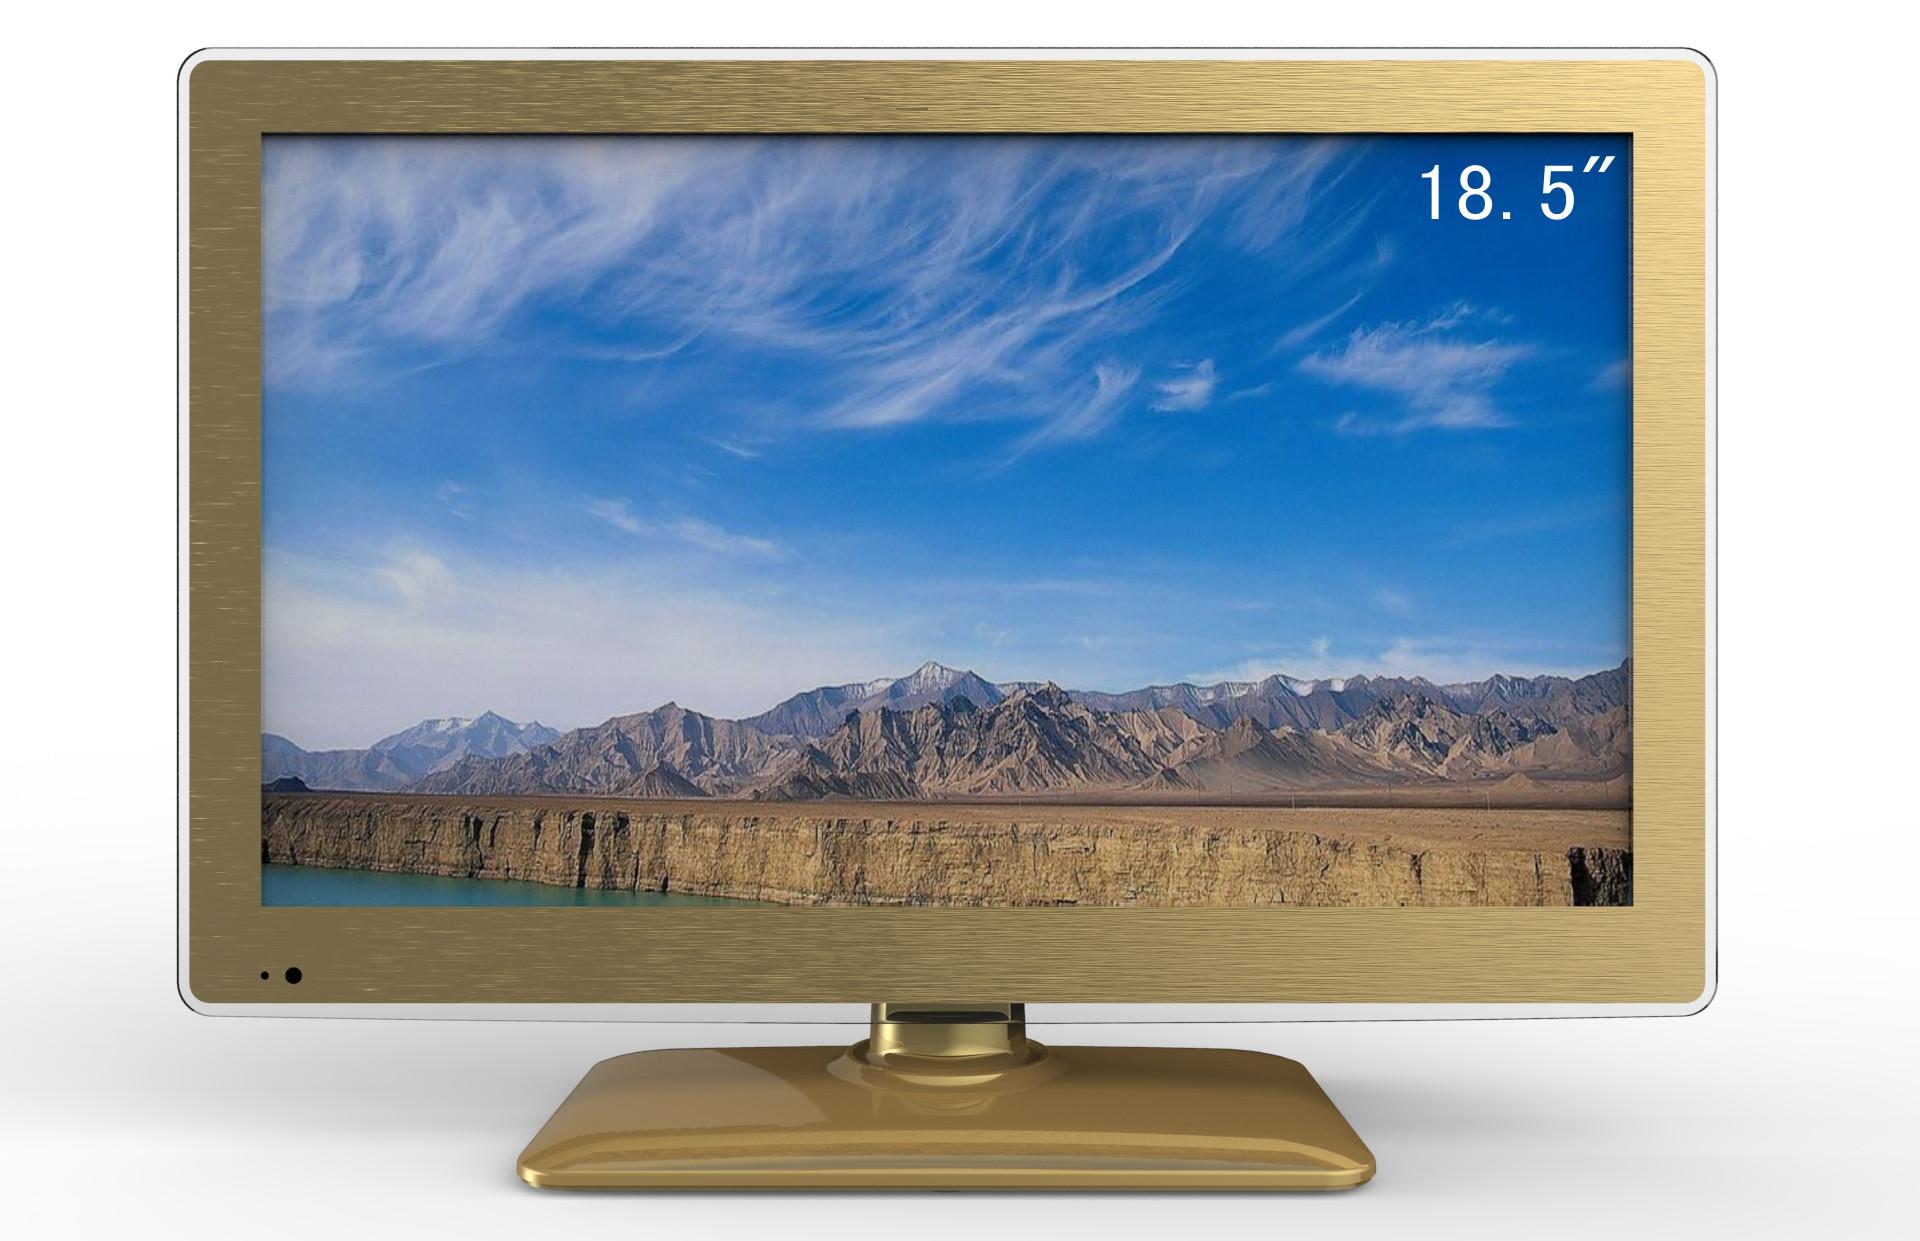 1、 面板显示尺寸:18.5寸,显示比例:16:9 面板边框有透明边 2、 此款外壳套料采用外销标准,采用优质环保材料制作,可通过多种安规认证。 3、 多彩、时尚、简洁、尊贵外型设计,是制作高档产品的首选。 4、 摆放方式: 台式/挂壁。 5、 多款底座选配,带DVD功能可选配,适应不同消费群体,更彰显个性风采。 6、 PC、AV、TV、DVI等功能一应俱全。 7、此款有15.